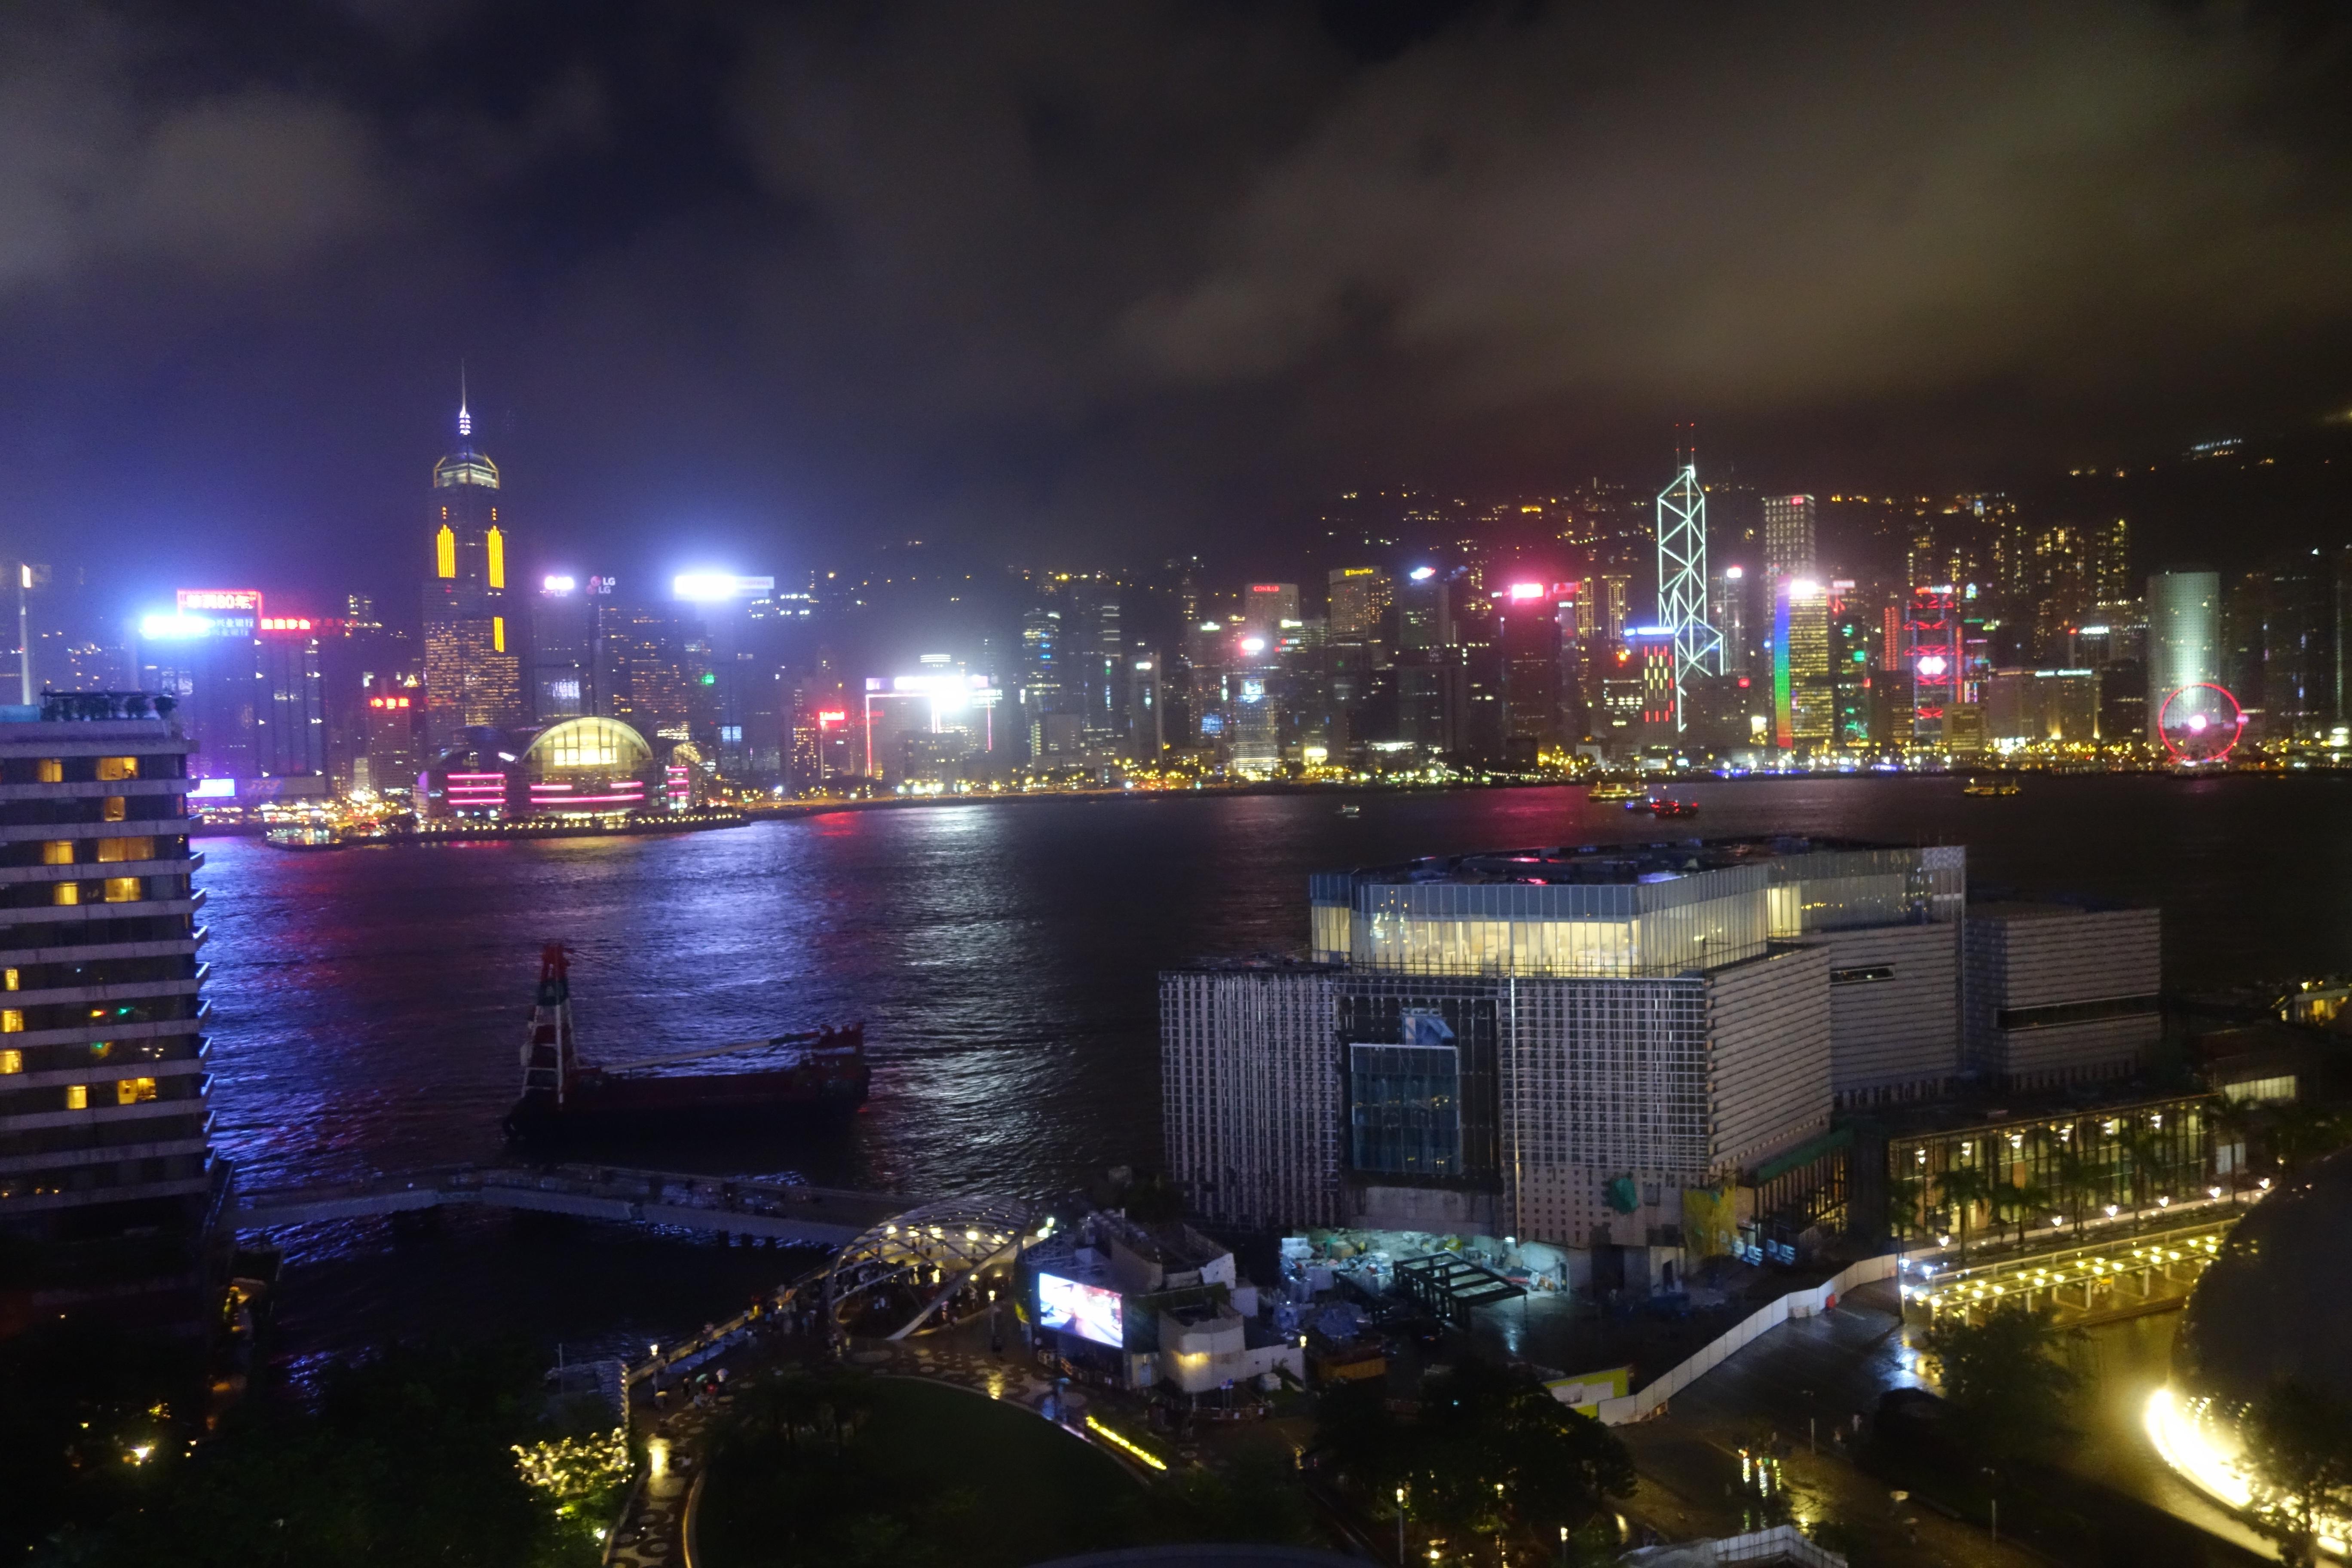 シェラトン香港ホテル&タワーズお部屋からの夜景